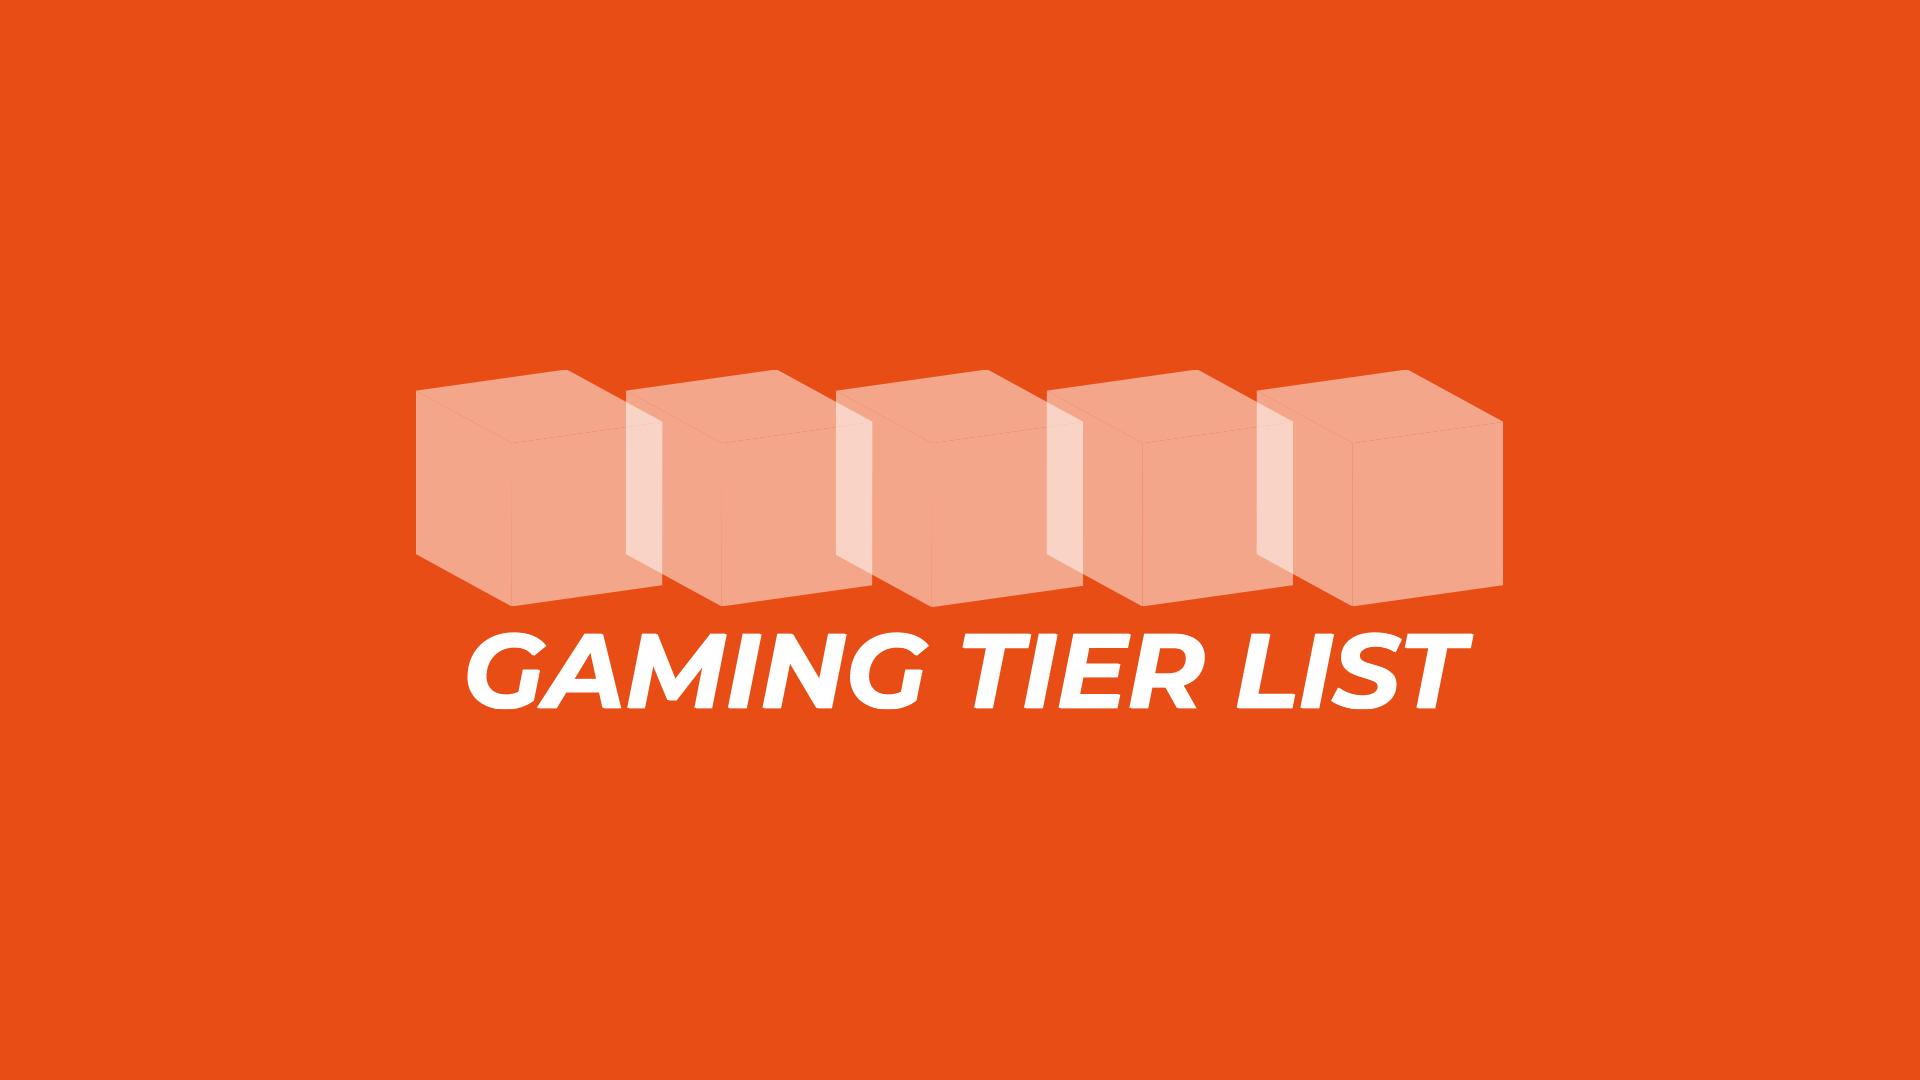 Gaming-tier-list-logo